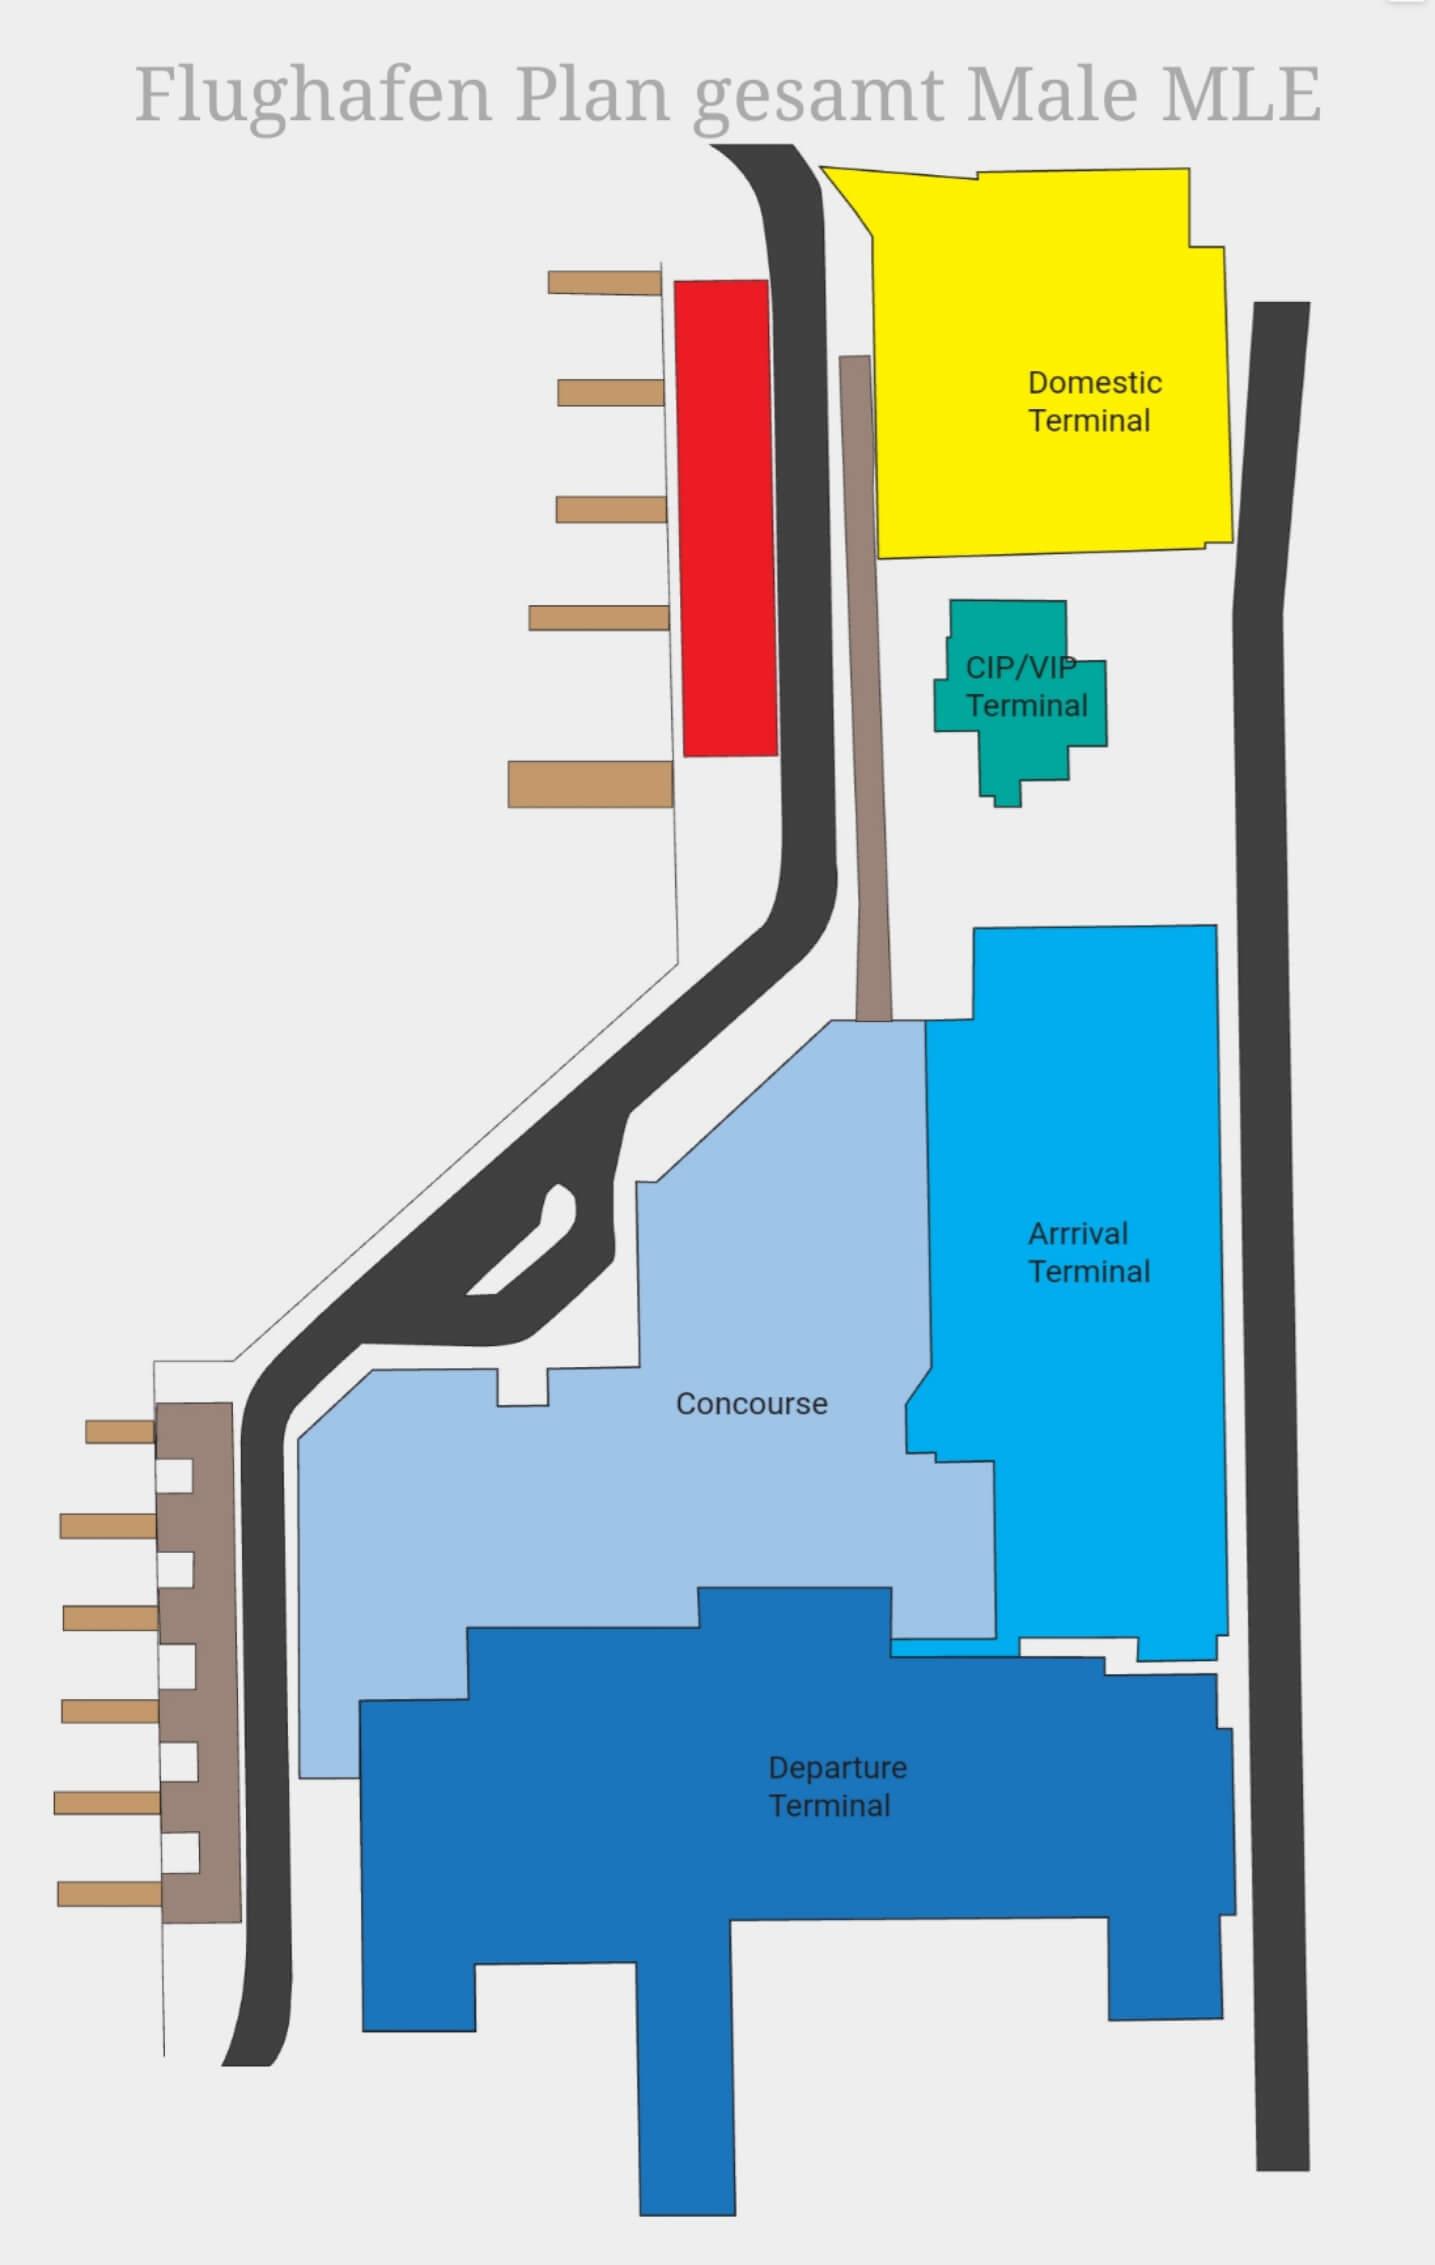 Male MLE Flughafen Plan Gesamt